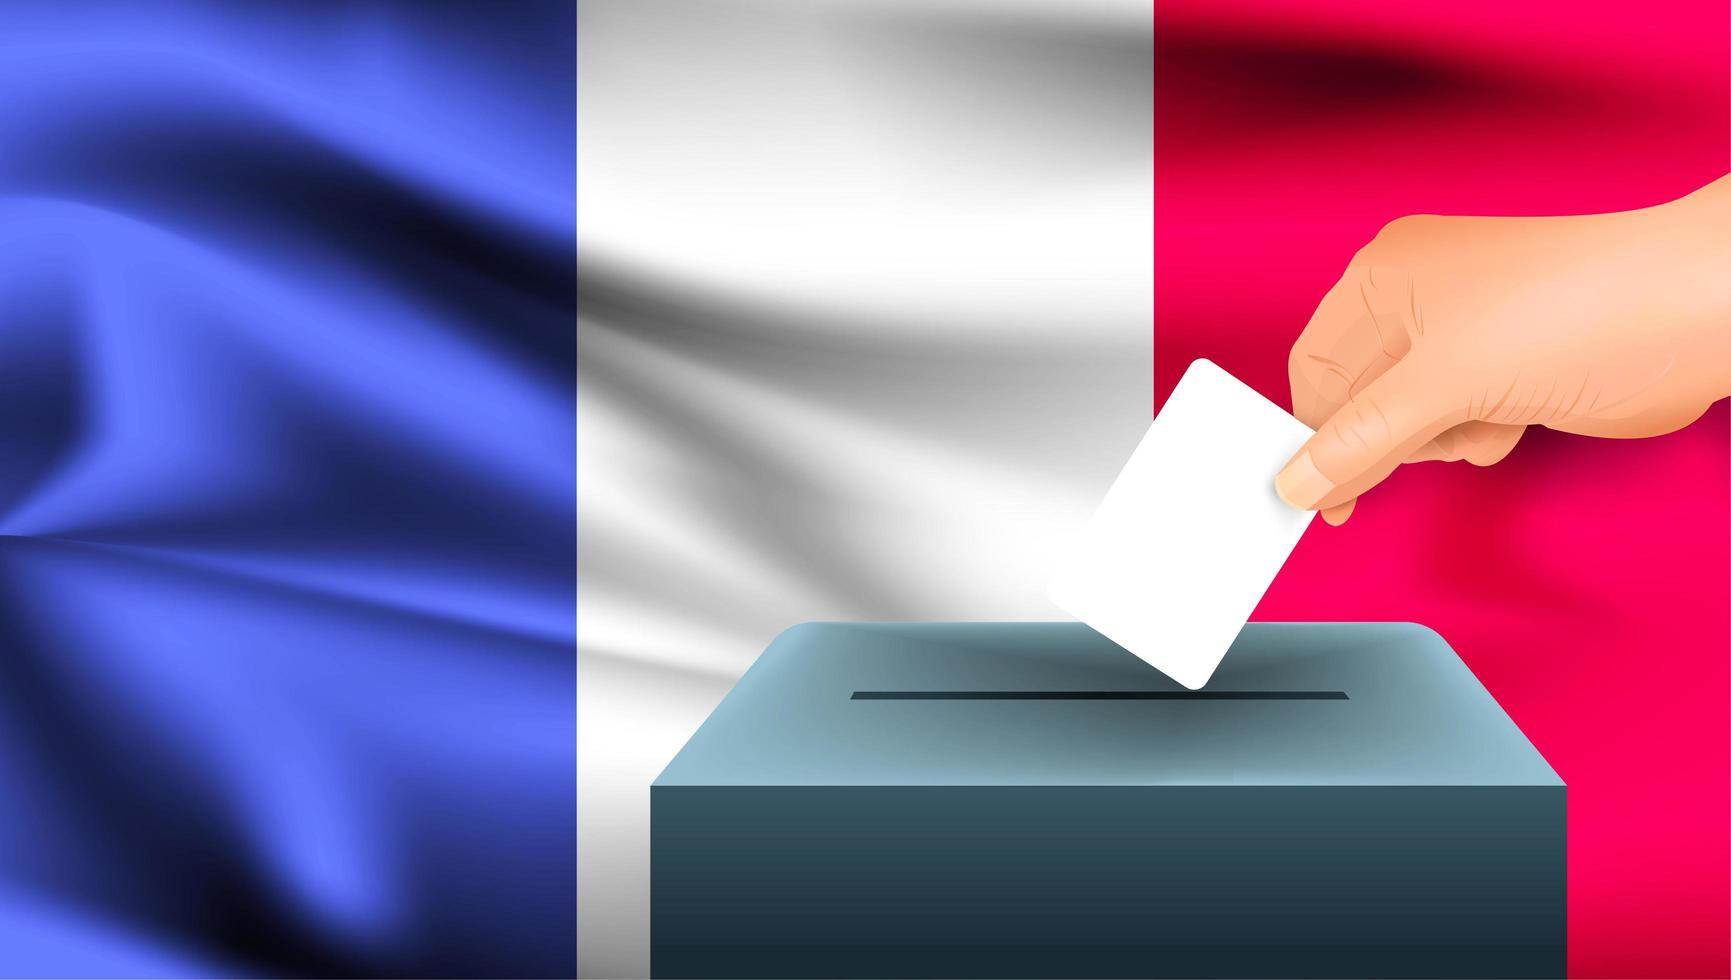 Mano poniendo papeleta en urna con bandera francesa vector